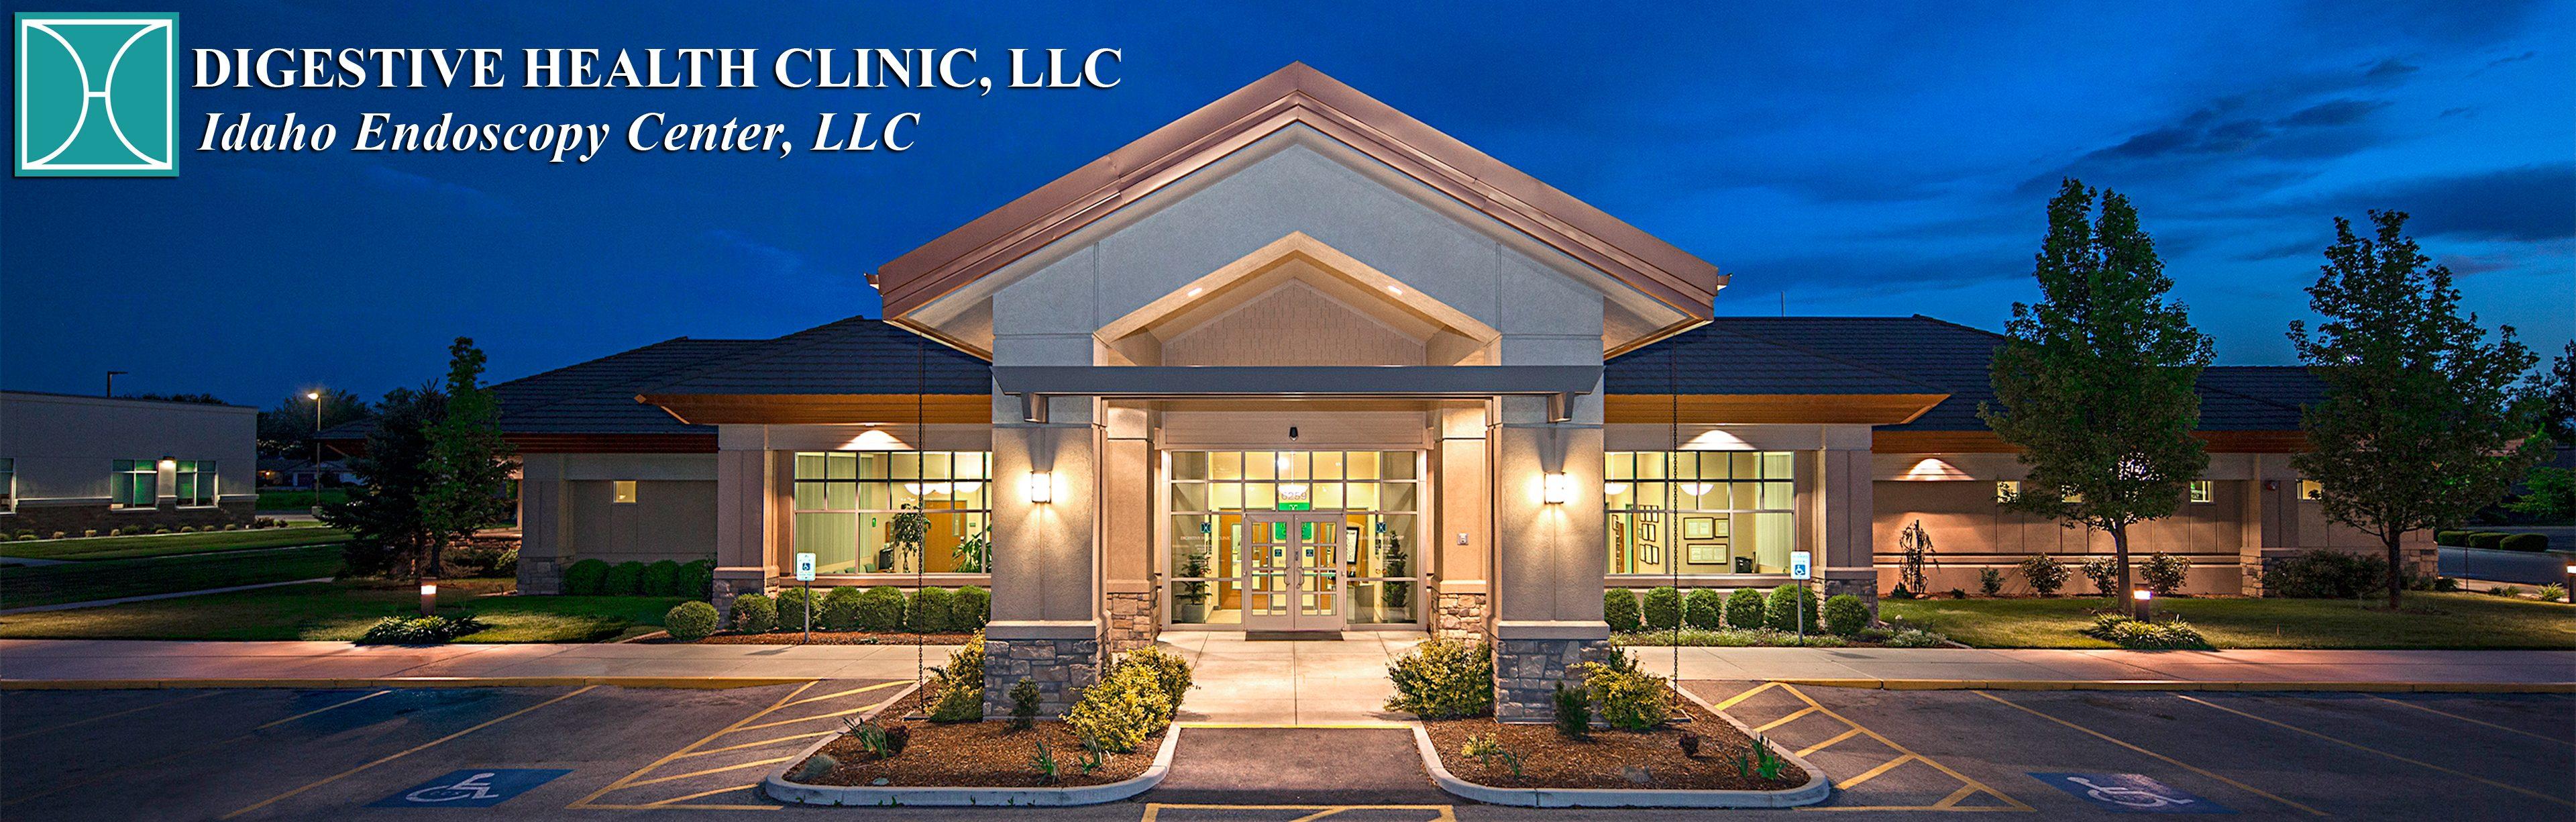 Location – Digestive Health Clinic, LLC